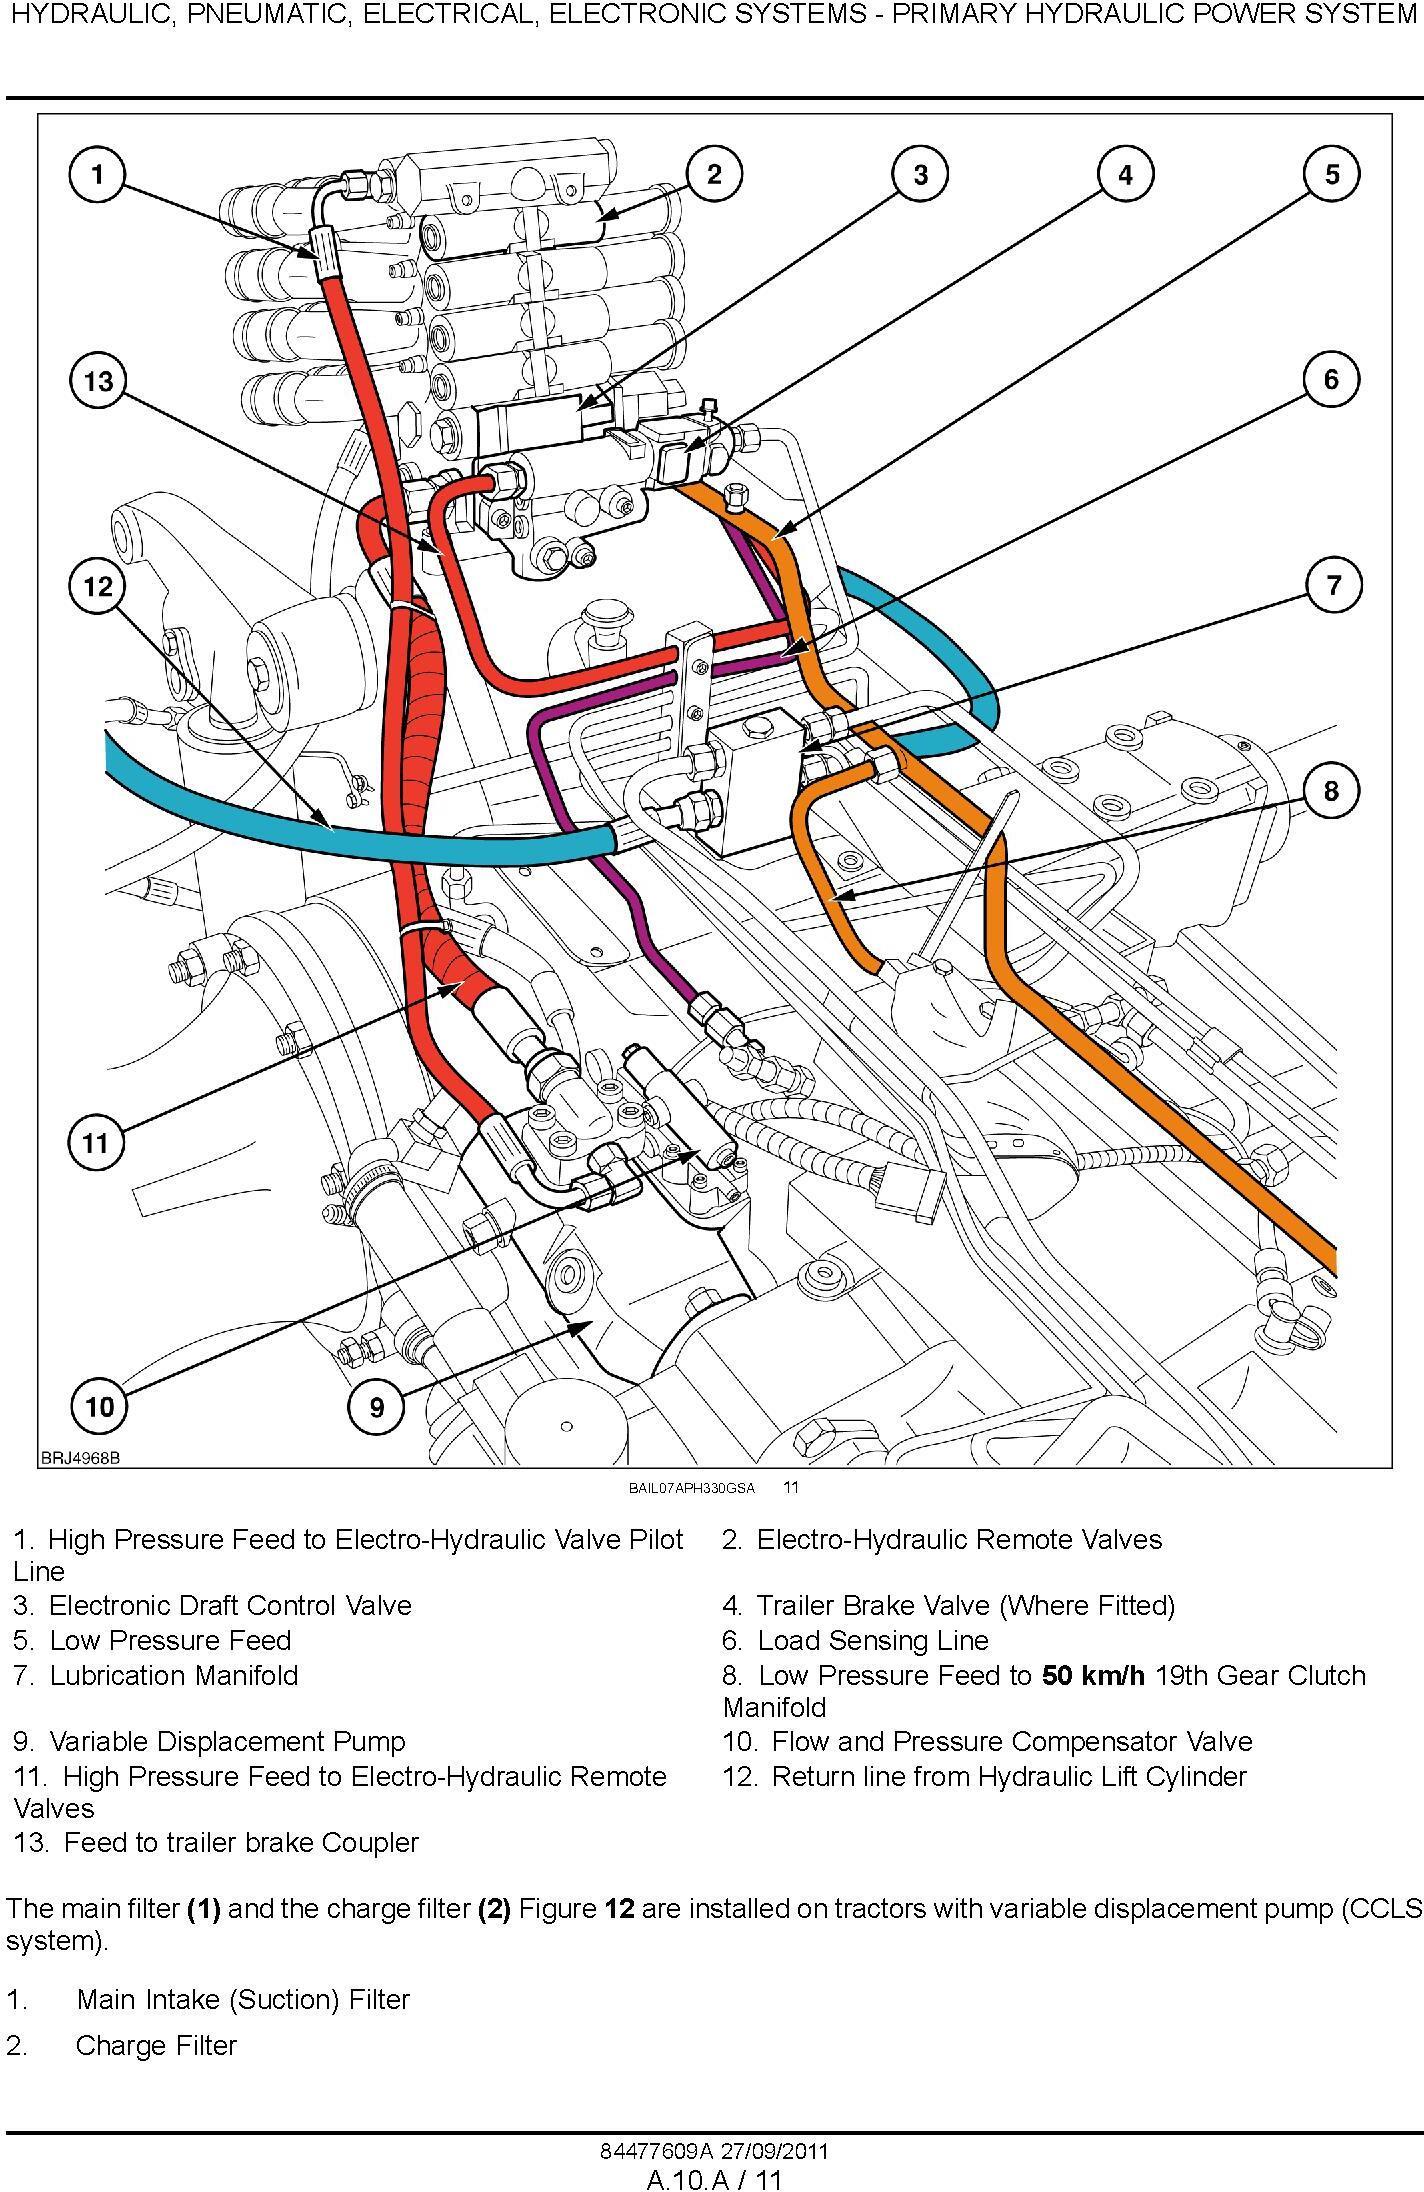 New Holland T7.170, T7.185, T7.200, T7.210 Tractors Service Manual - 1